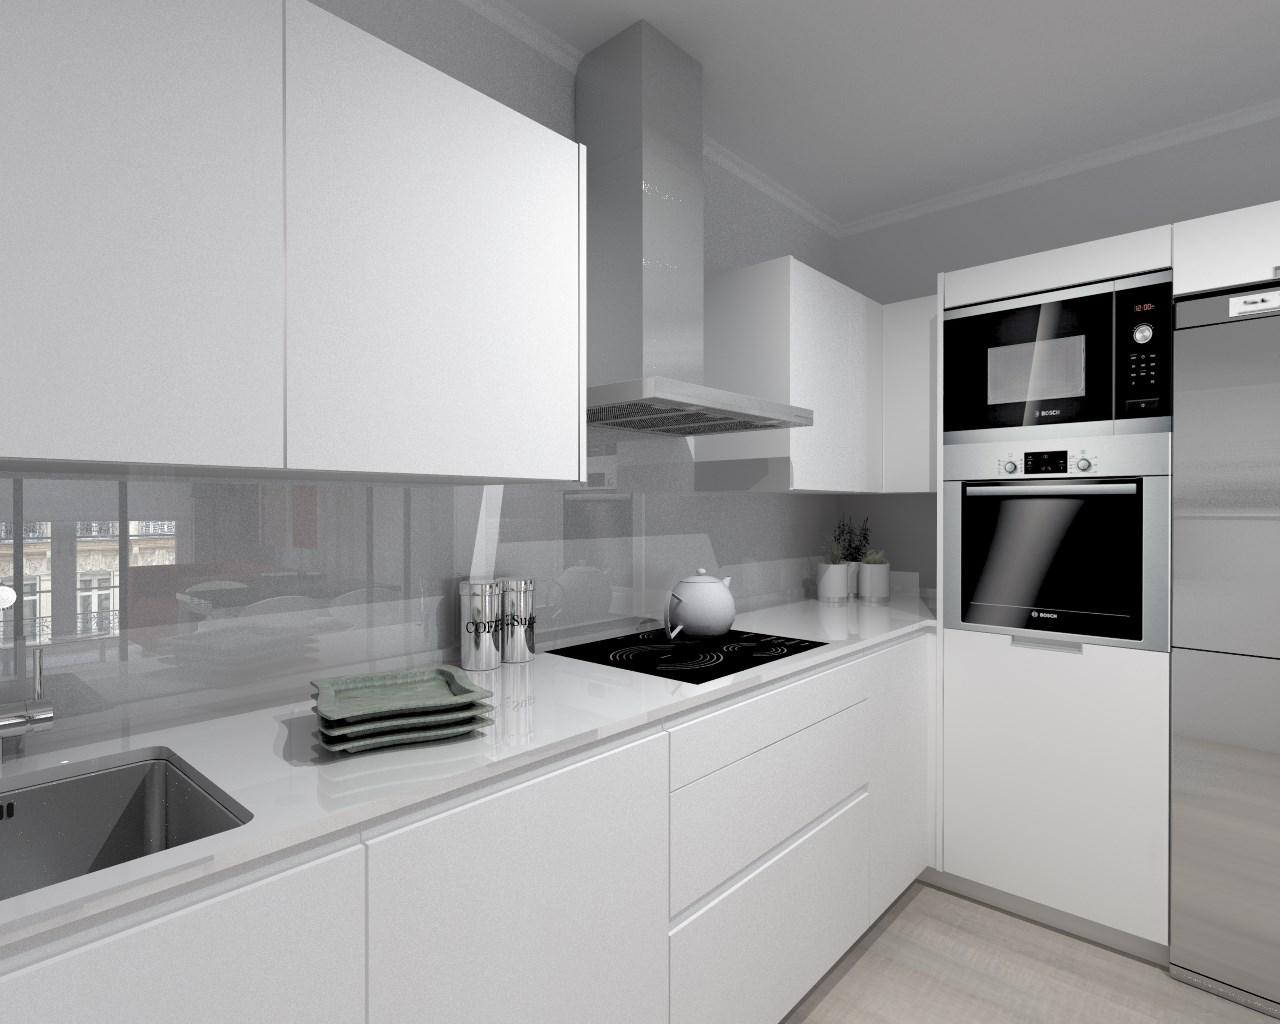 Cocina santos modelo line estratificado blanco encimera - Encimeras de cocina compac ...